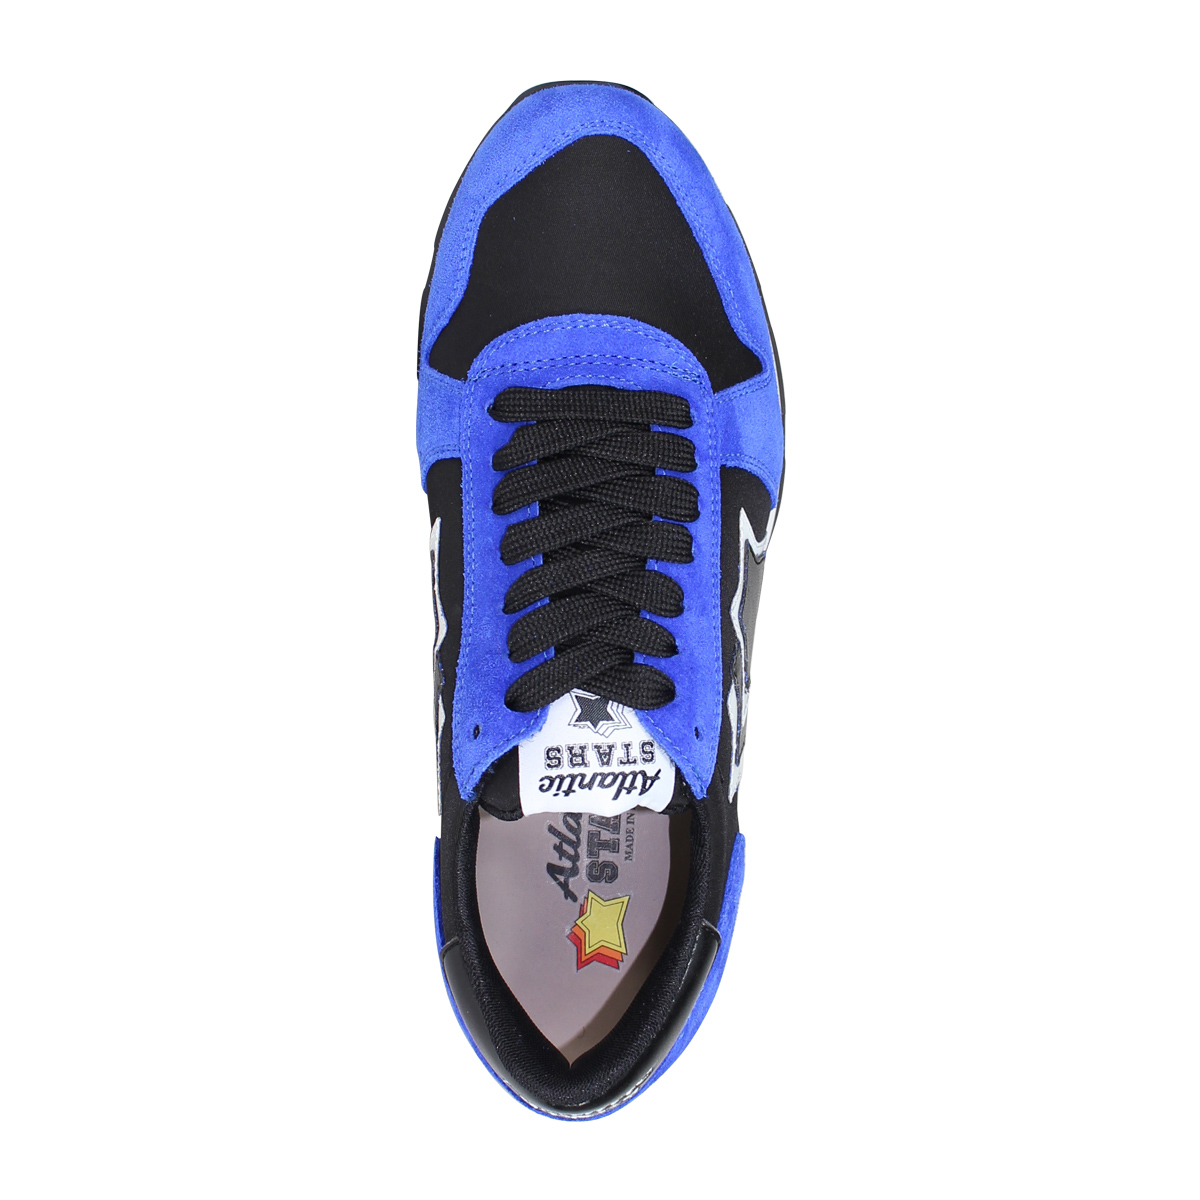 STARS 187 sneakers Stars NF Shinnyu Atlantic 713 Lady's Gemma GEMMA blue load Atlantic 10N BqwOpfdB